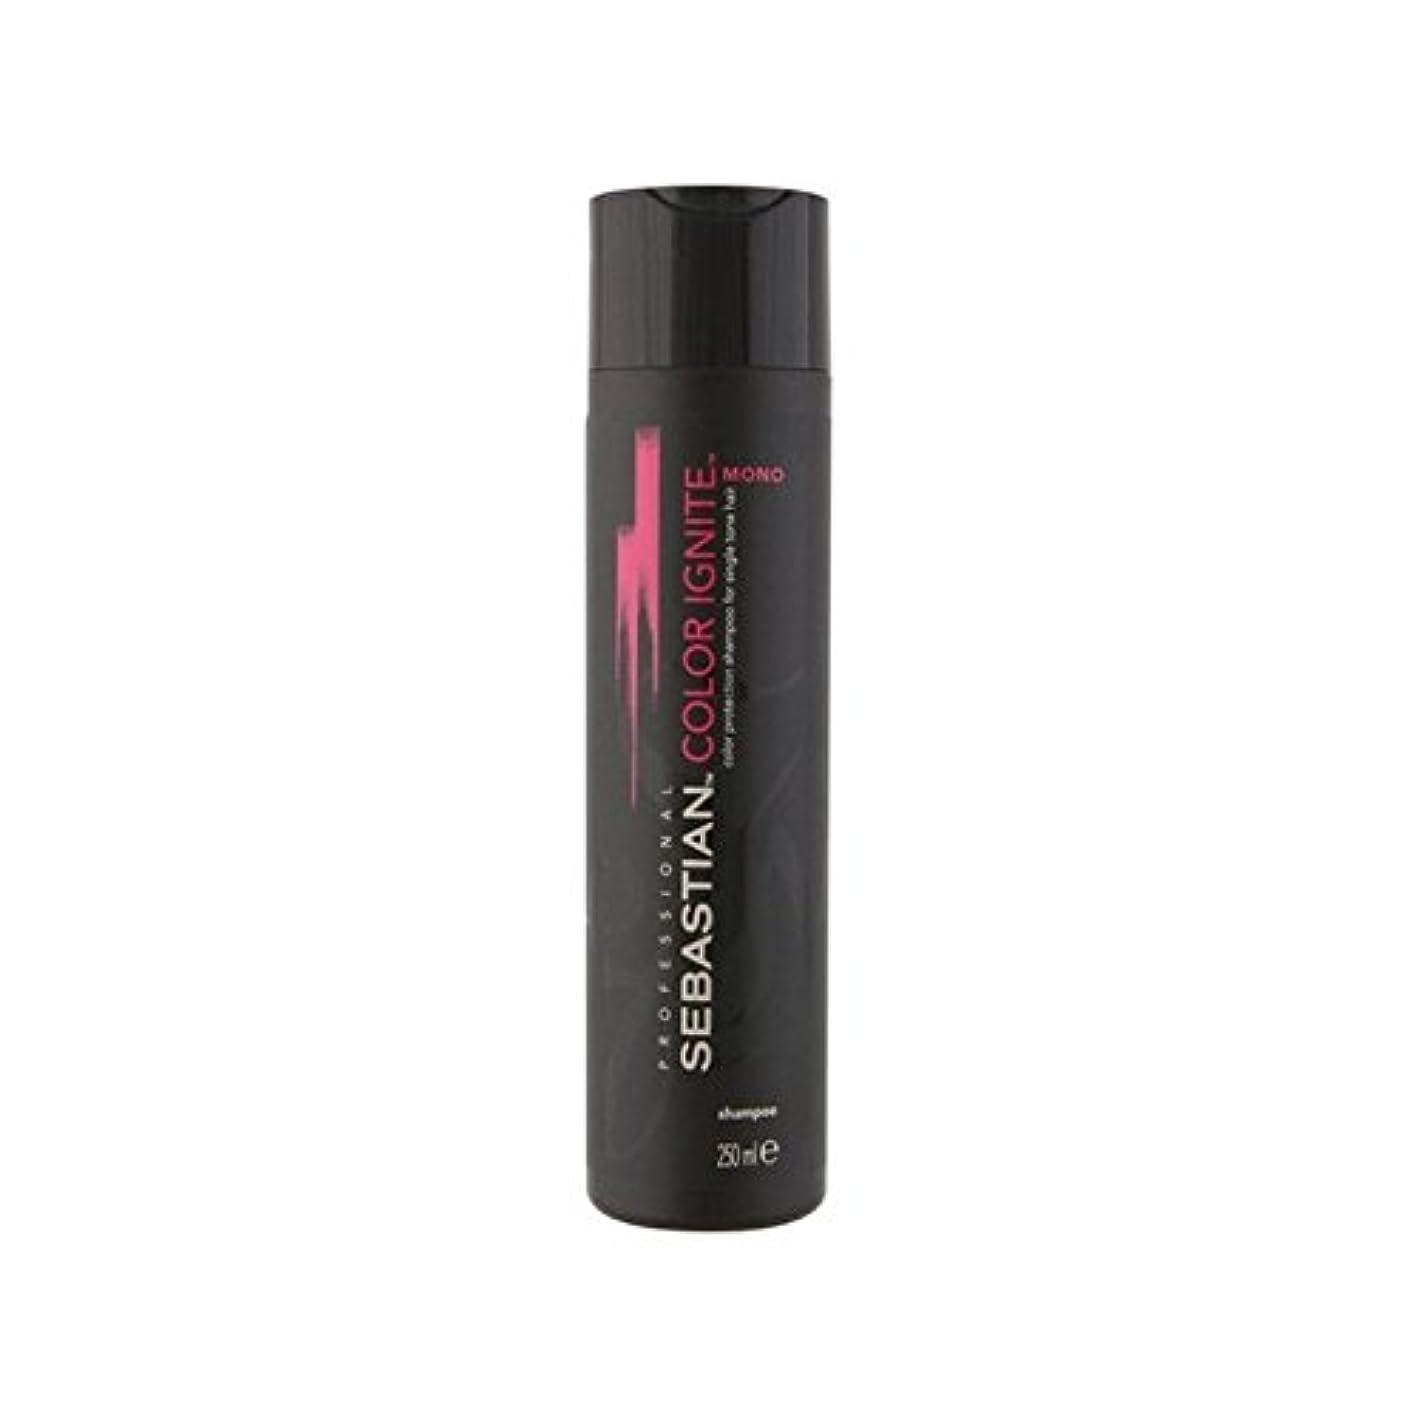 空気一杯想起セバスチャンプロのカラーにモノシャンプー(250ミリリットル) x4 - Sebastian Professional Color Ignite Mono Shampoo (250ml) (Pack of 4) [並行輸入品]